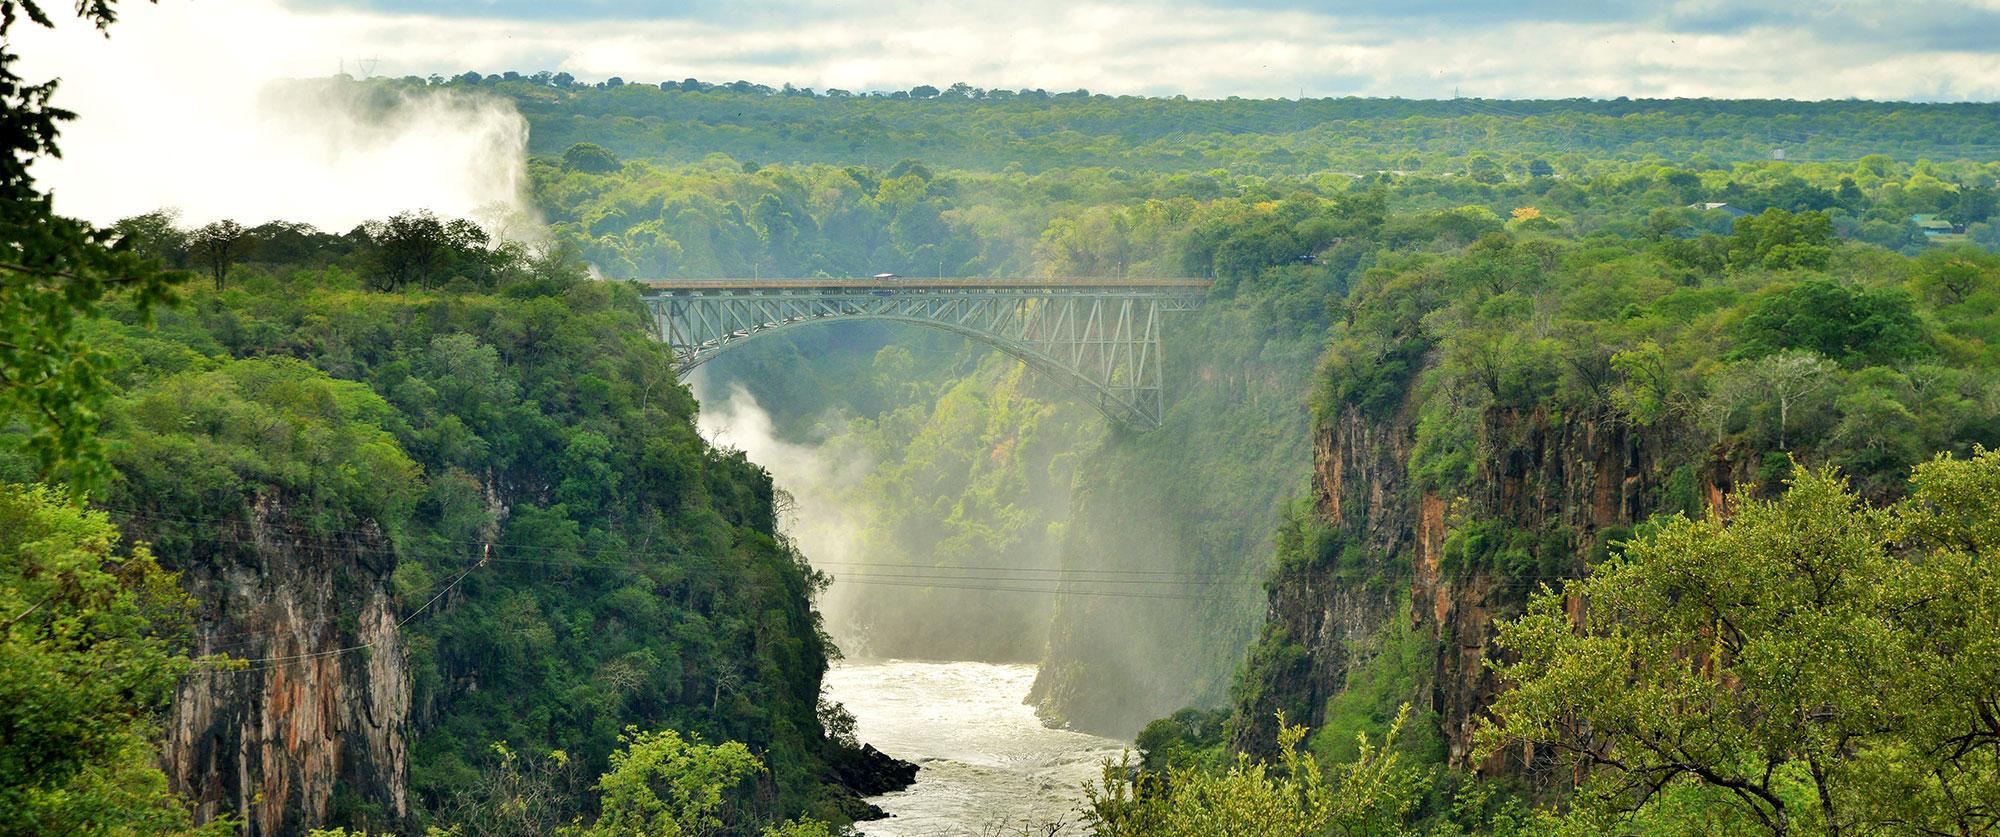 Africa Tour - Safari, Victoria Falls, Cape Town - Victoria Falls Hotel